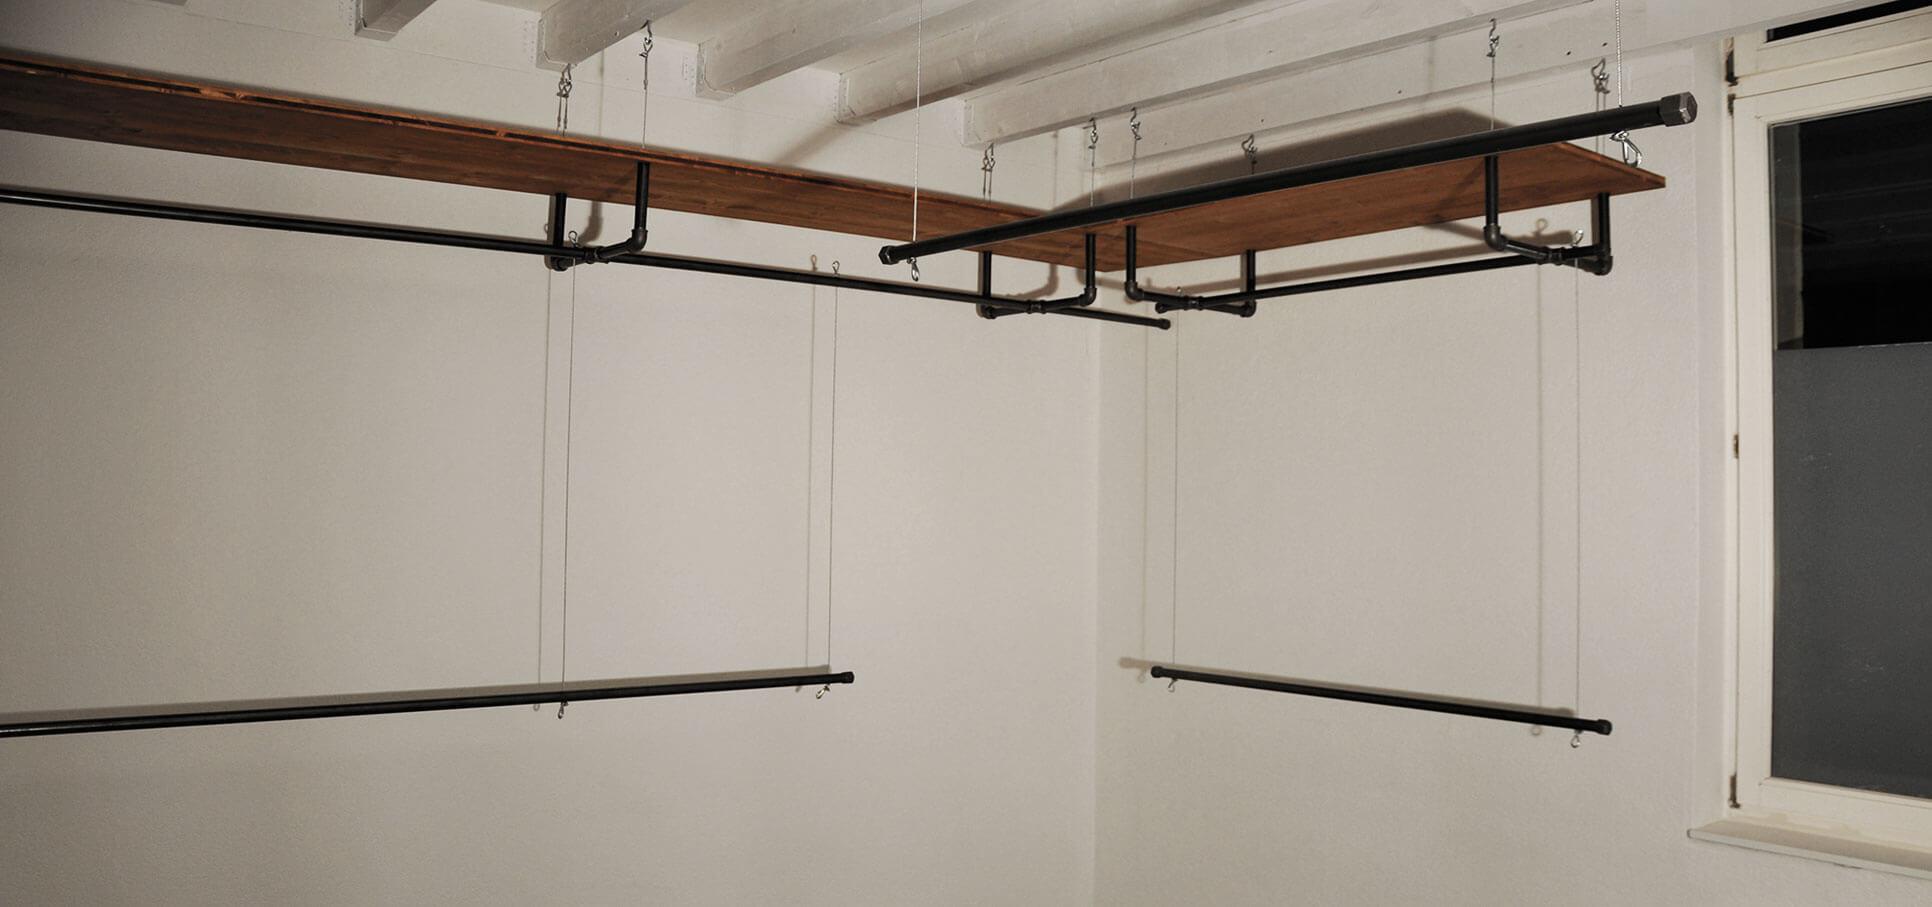 2a-ladenbau-einrichtung-store-concept-konzept-interieur-design-rohrfabrik-moebel-kleiderstaender-kleider-zimmer-rohr-gestell-regal.jpg